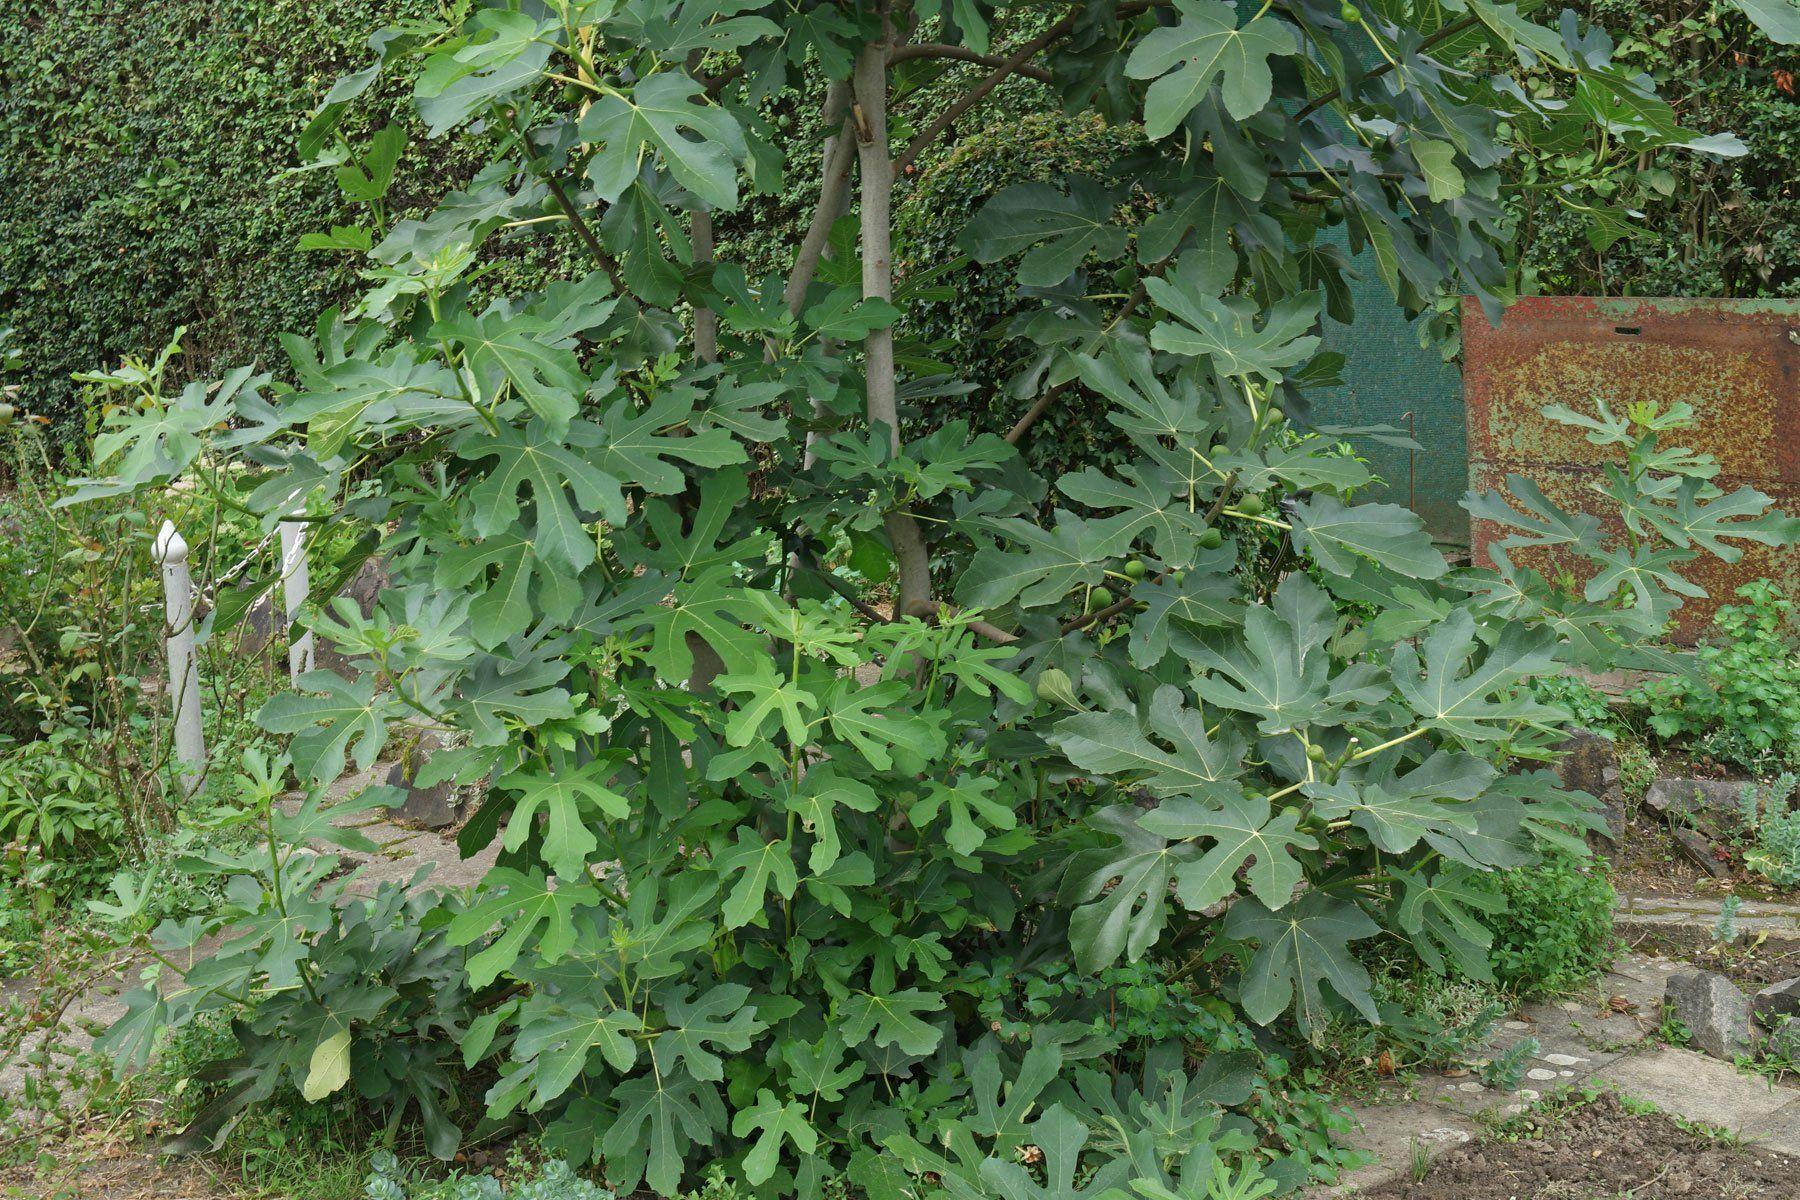 Pin Von Karmen Bahor Auf Fige Baum Feigenbaum Feigenbaum Pflege Feigen